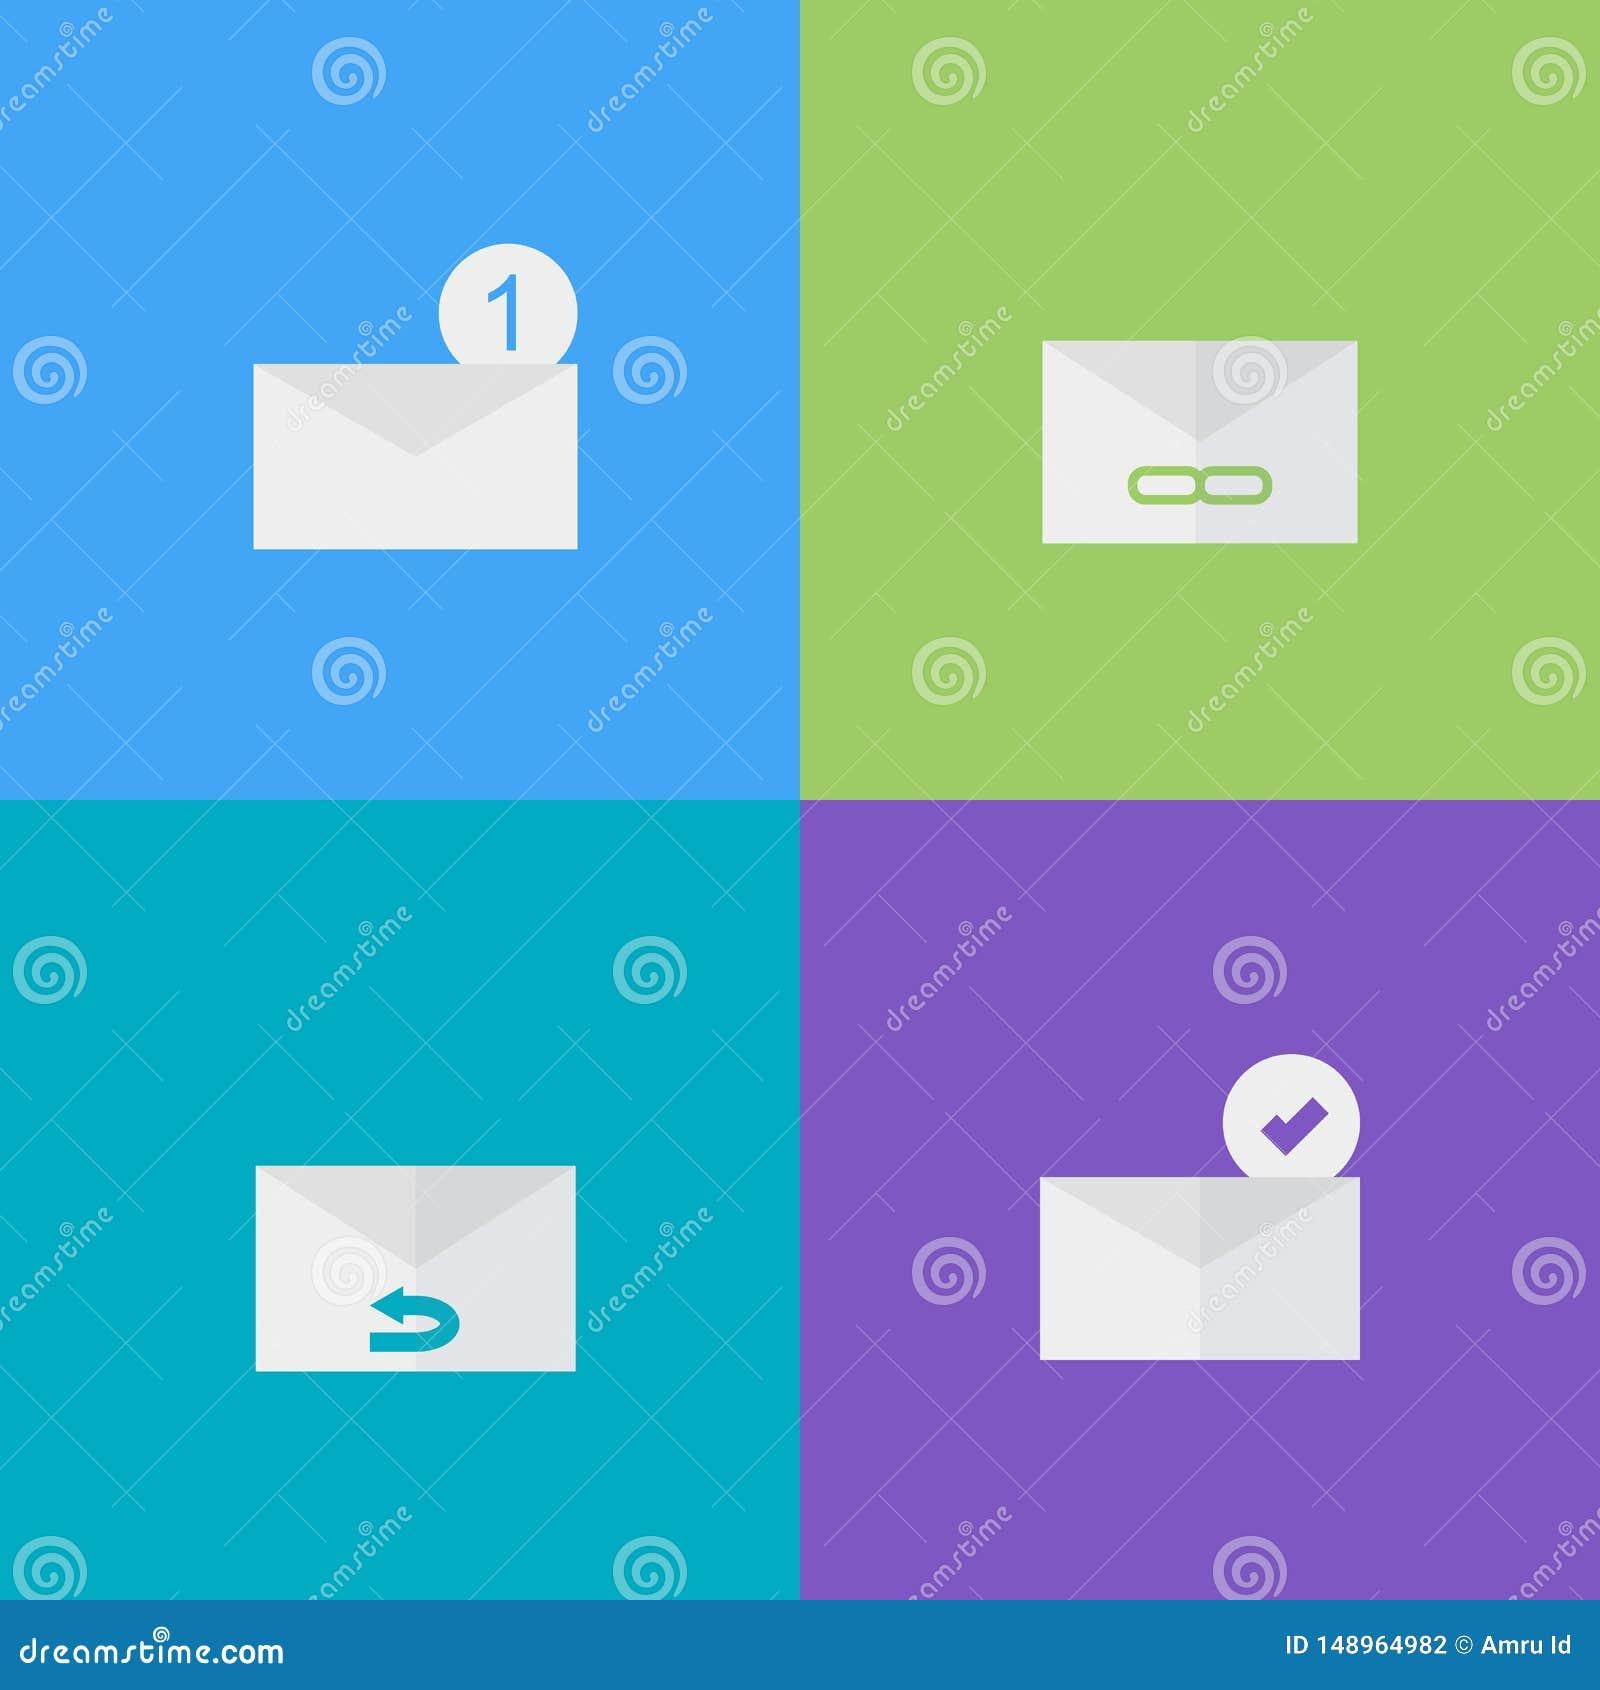 Envoyez à icône l illustration plate de style - vecteur